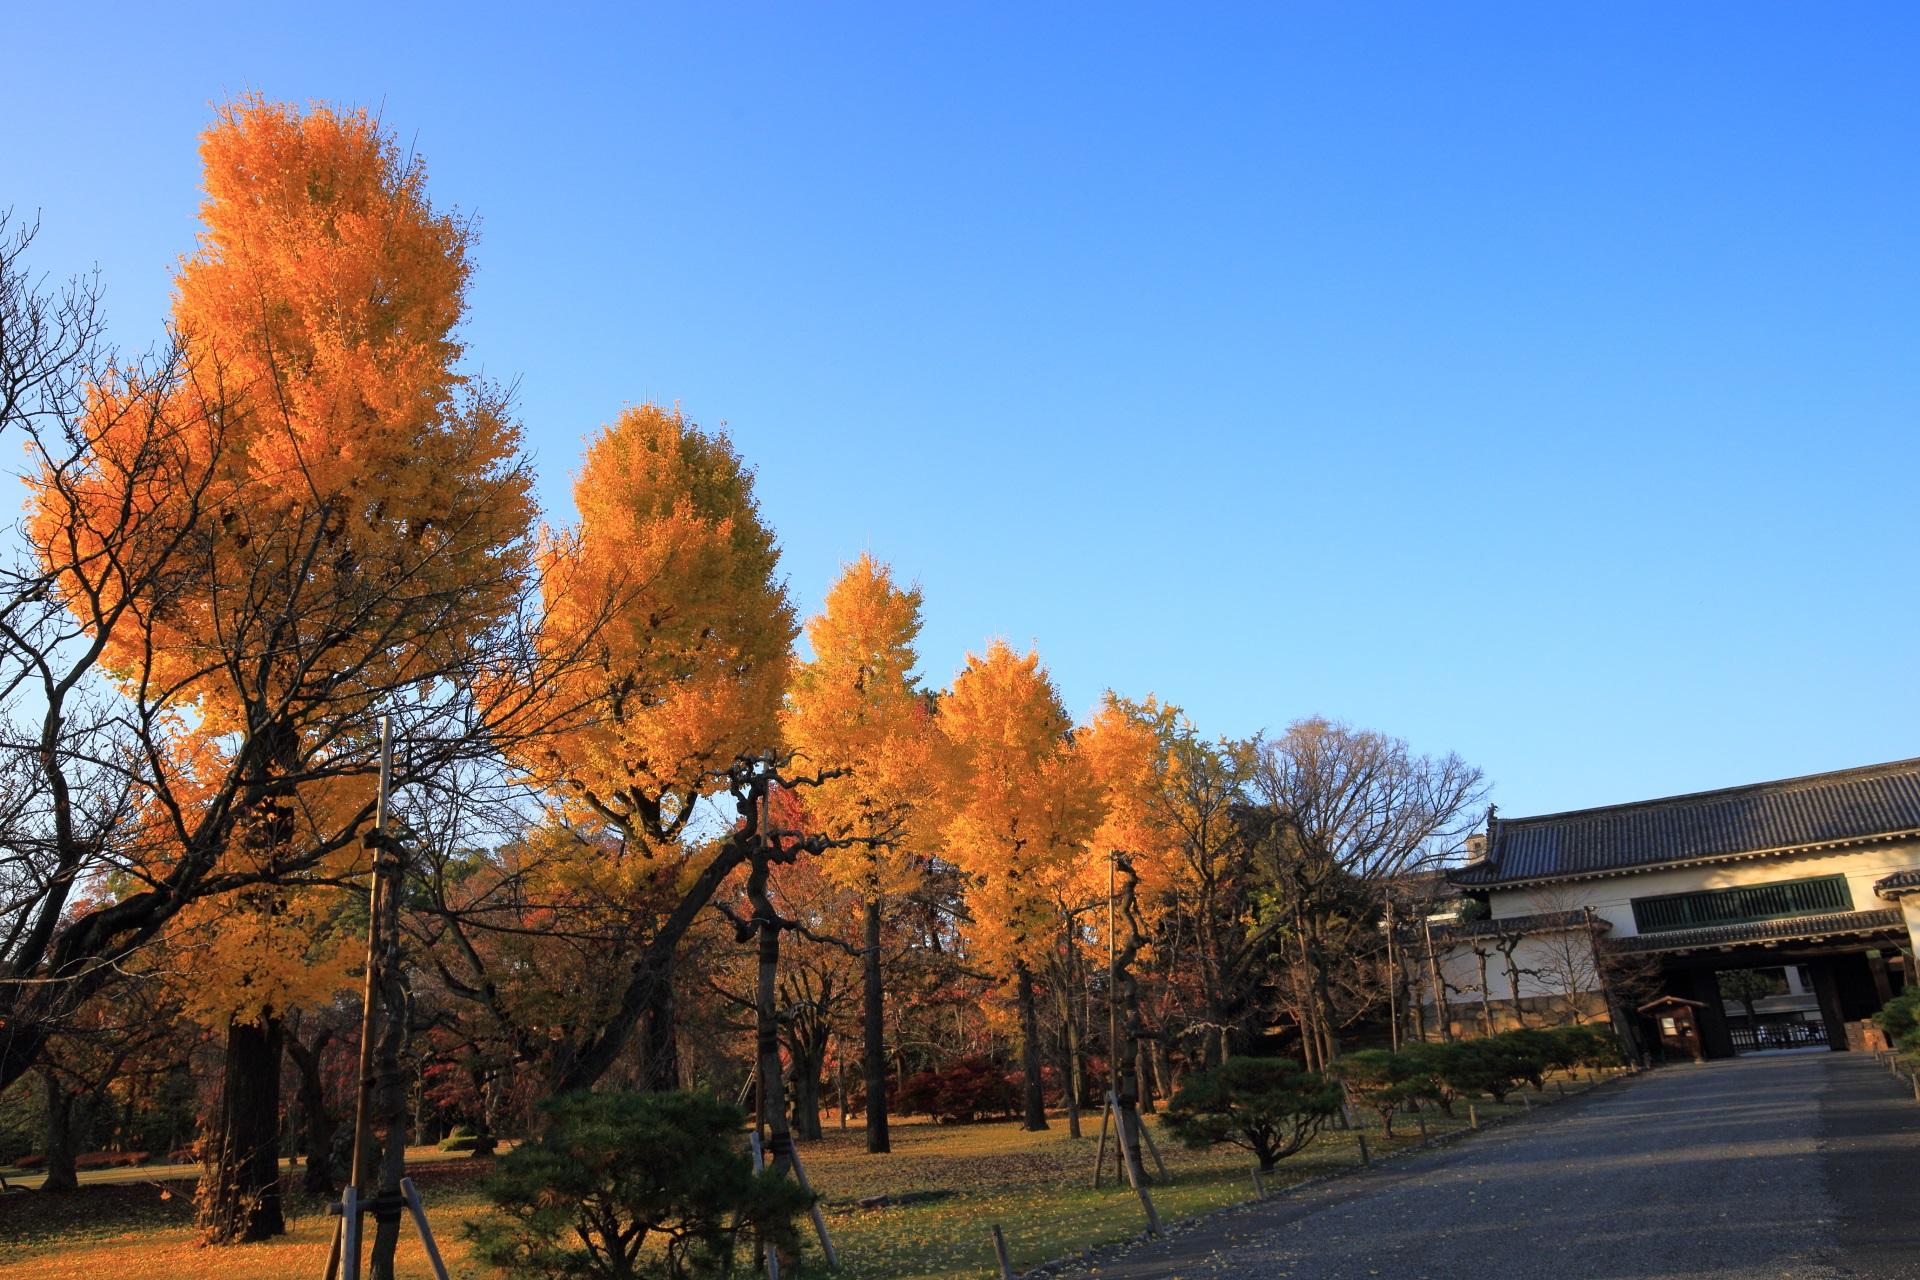 雲一つない青空を彩る煌びやかな黄色い銀杏並木